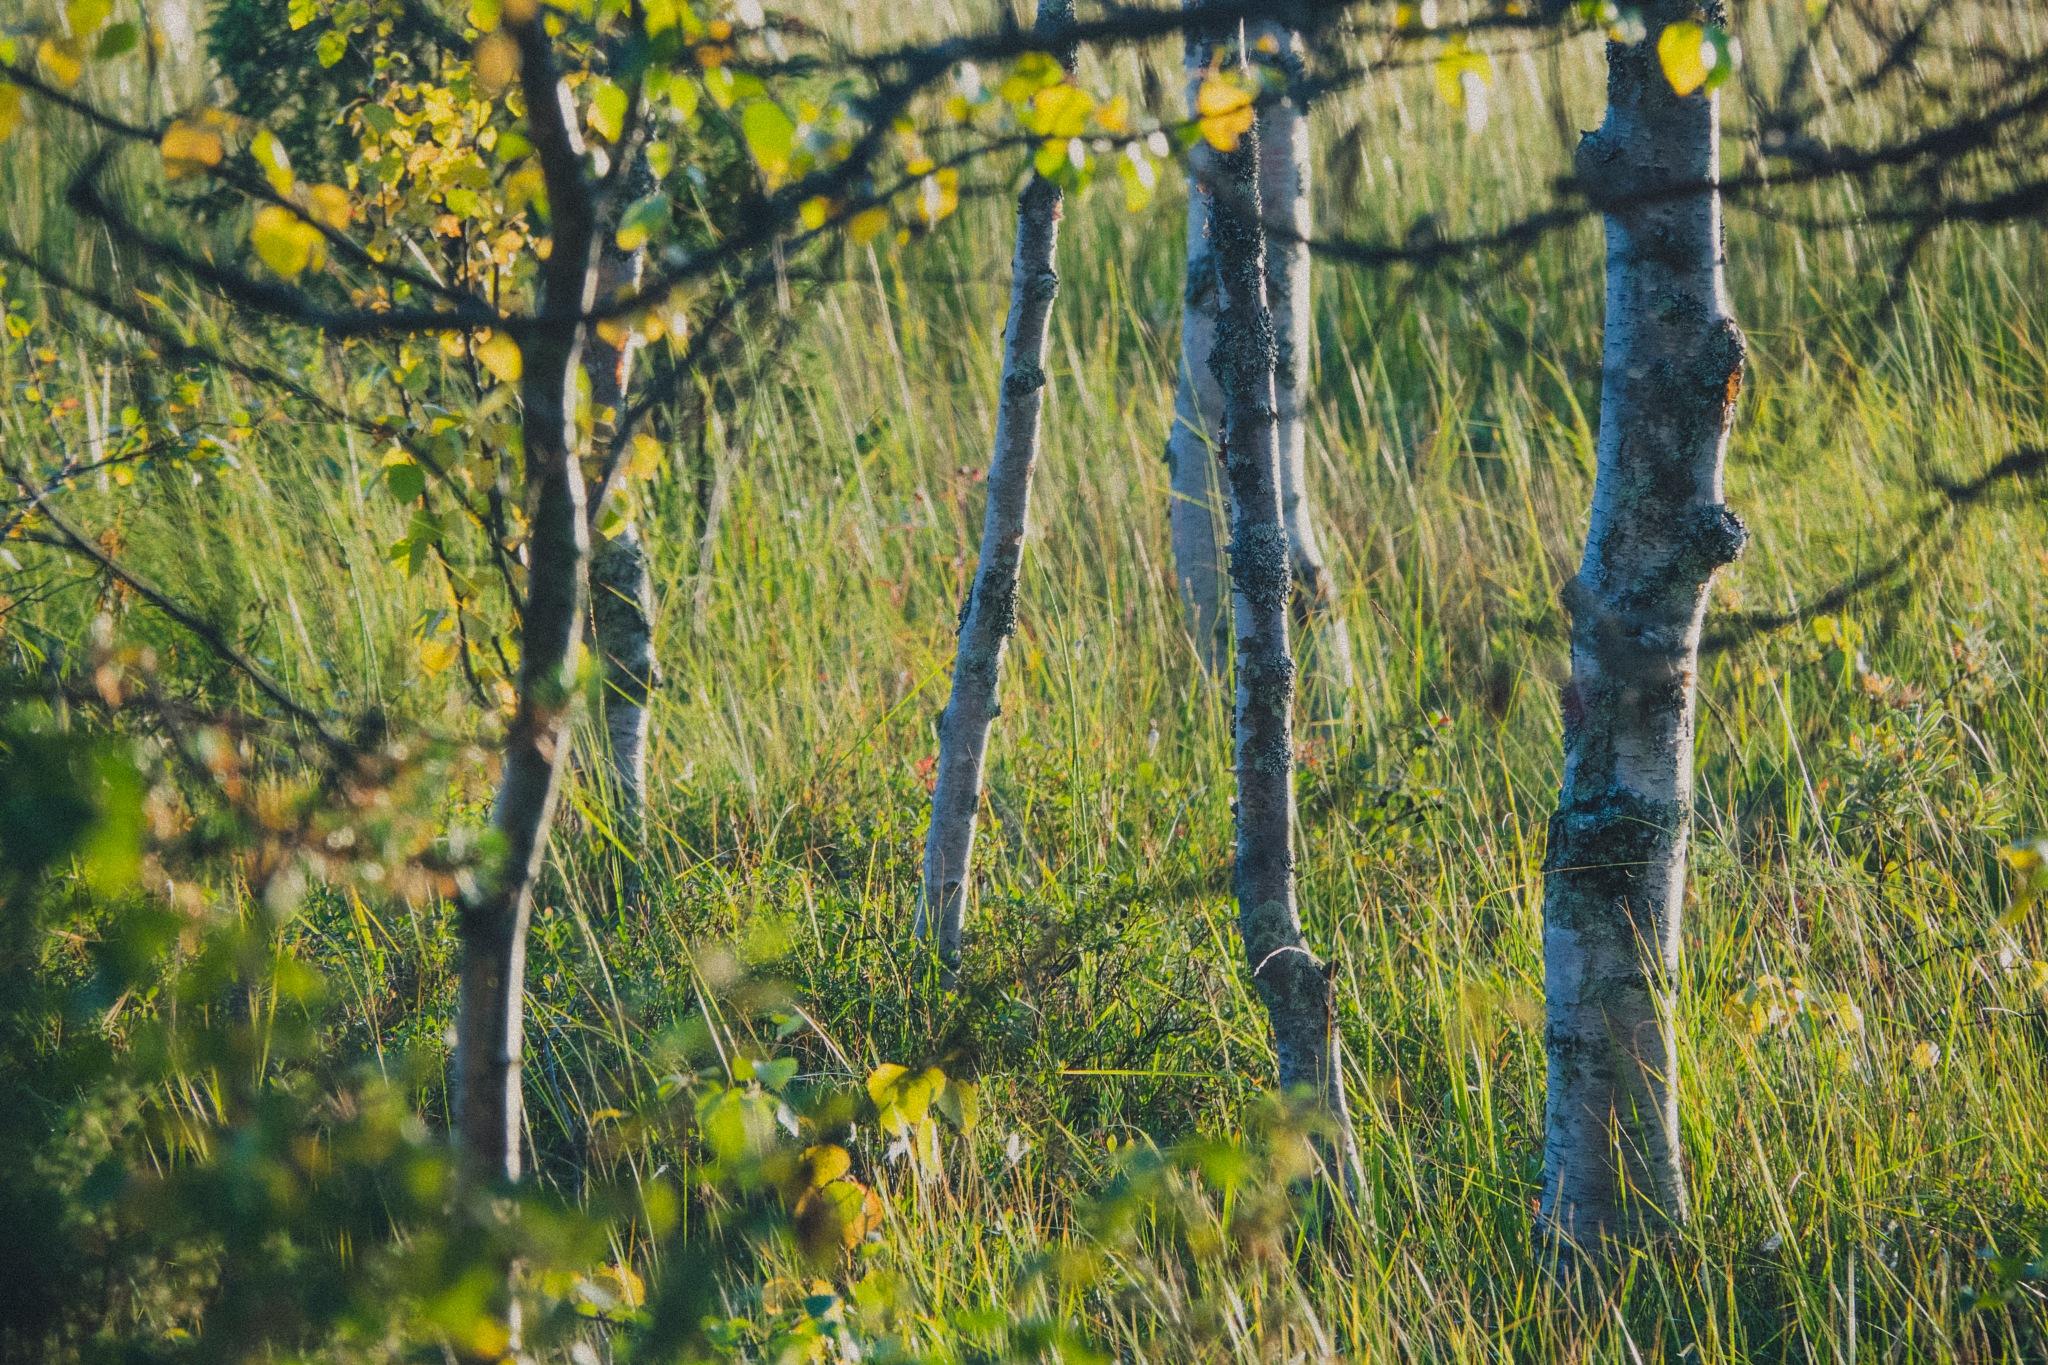 Fall Evening Light by Juuso Voutilainen